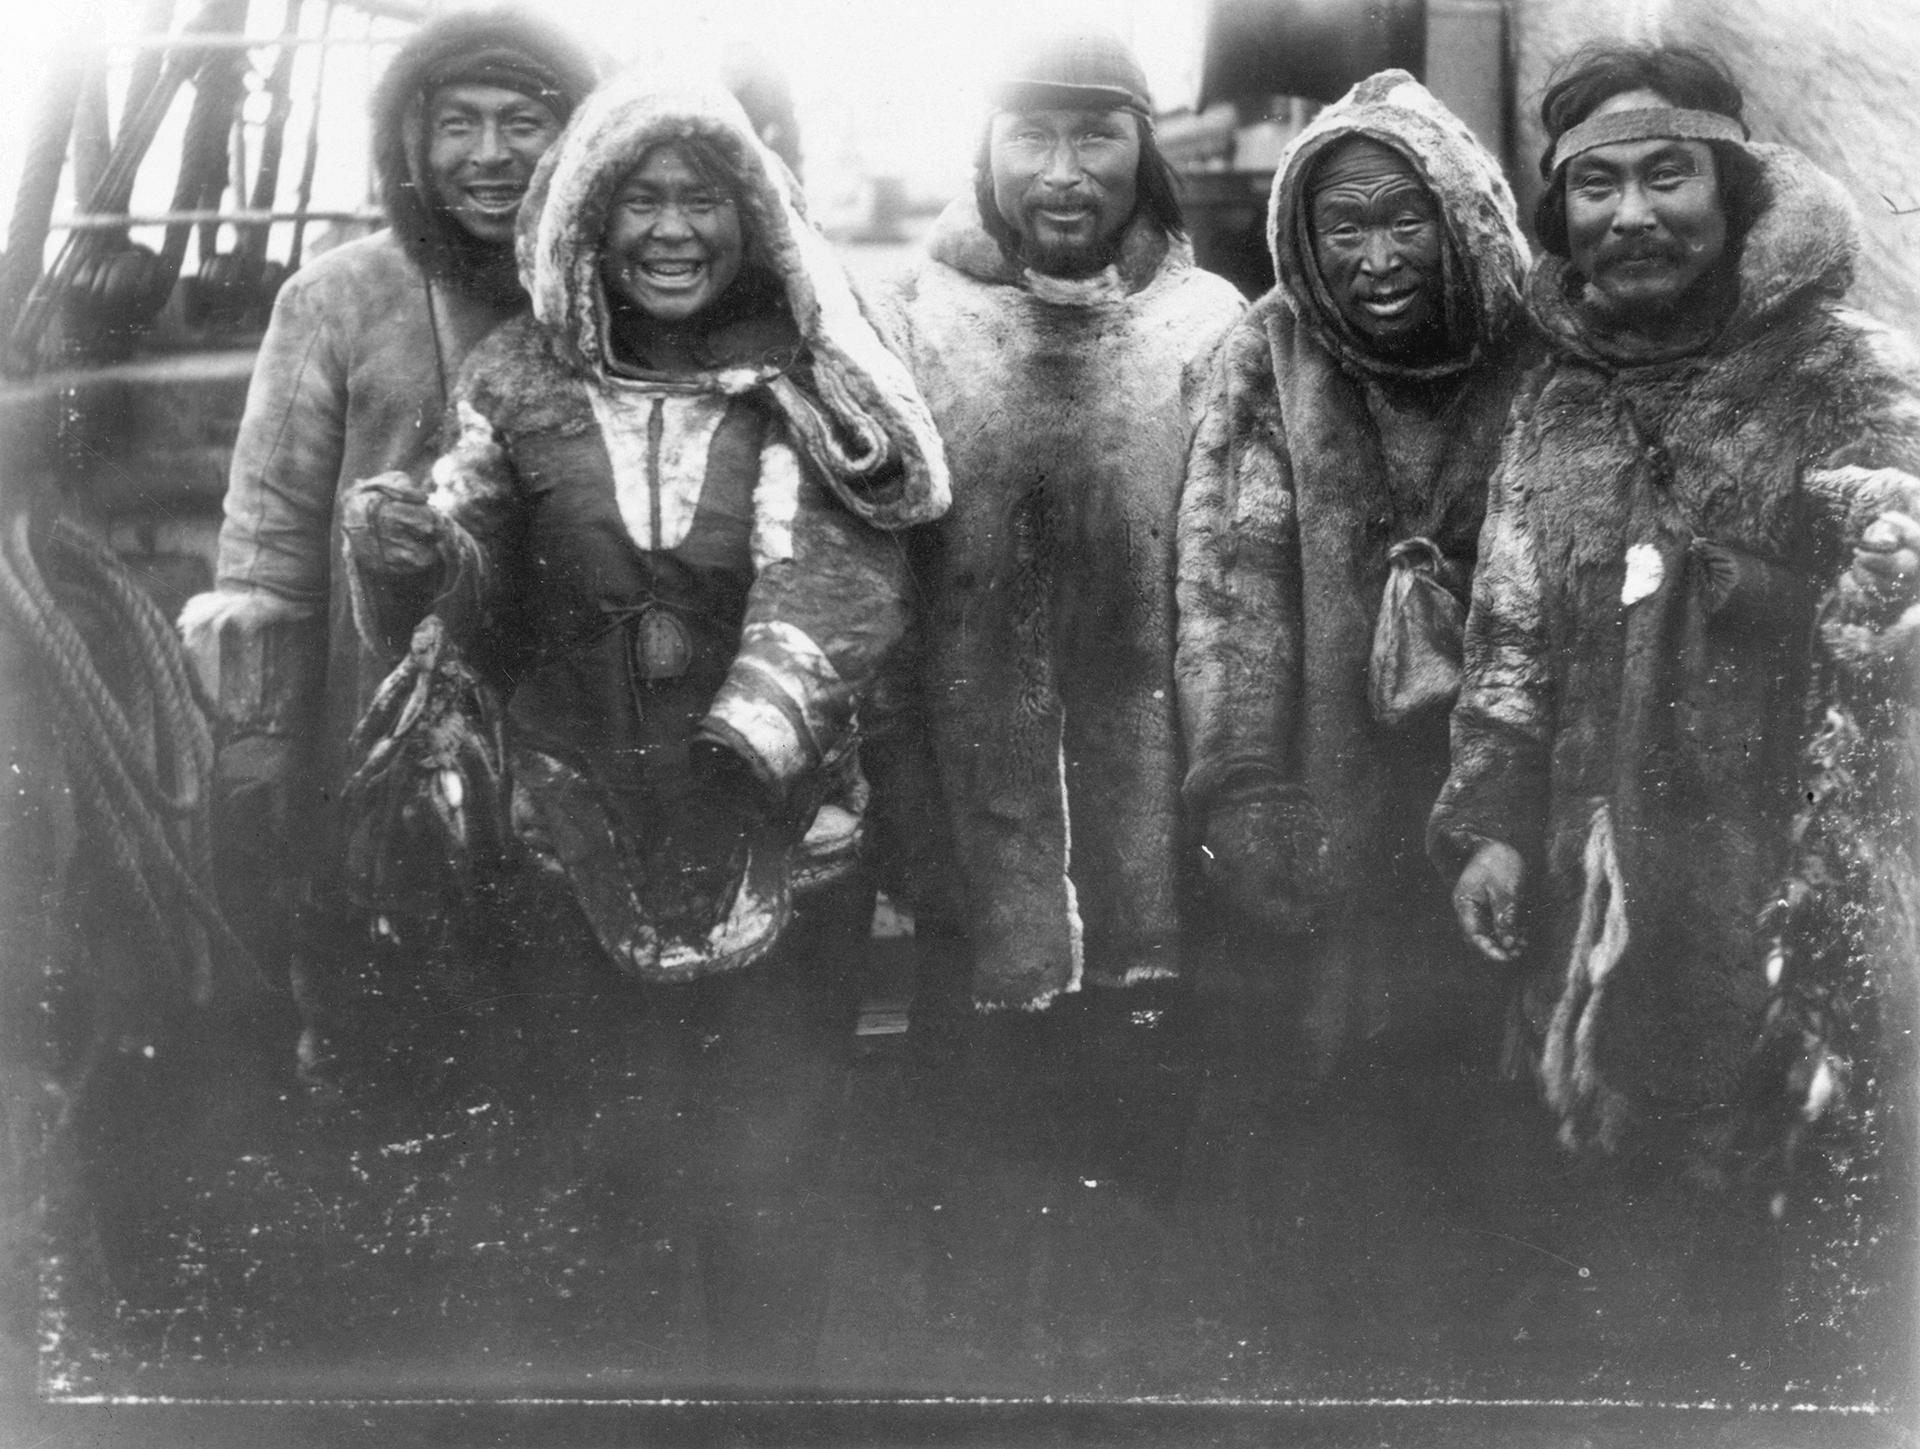 Photographie d'Inuits prise à Douglas Harbour, durant l'expédition de Wakeham. Kangiqsujuaq, 1897. Tous, sourires aux lèvres, portent fièrement les vêtements de peaux.